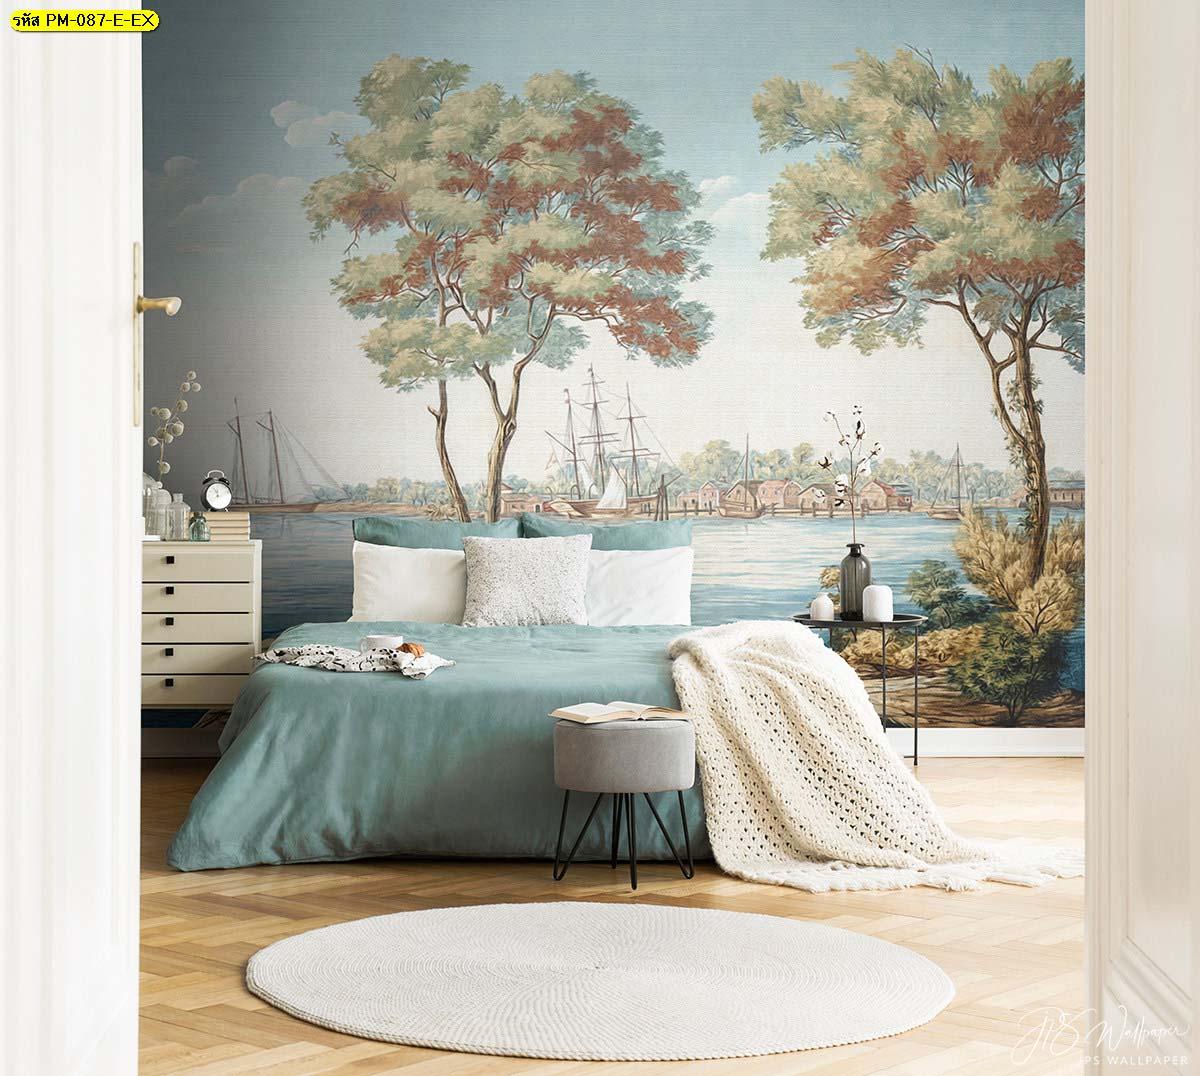 วอลเปเปอร์ห้องนอนสวยๆ วอลเปเปอร์ลายเรียบหรู แต่งบ้านด้วยภาพจิตรกรรม